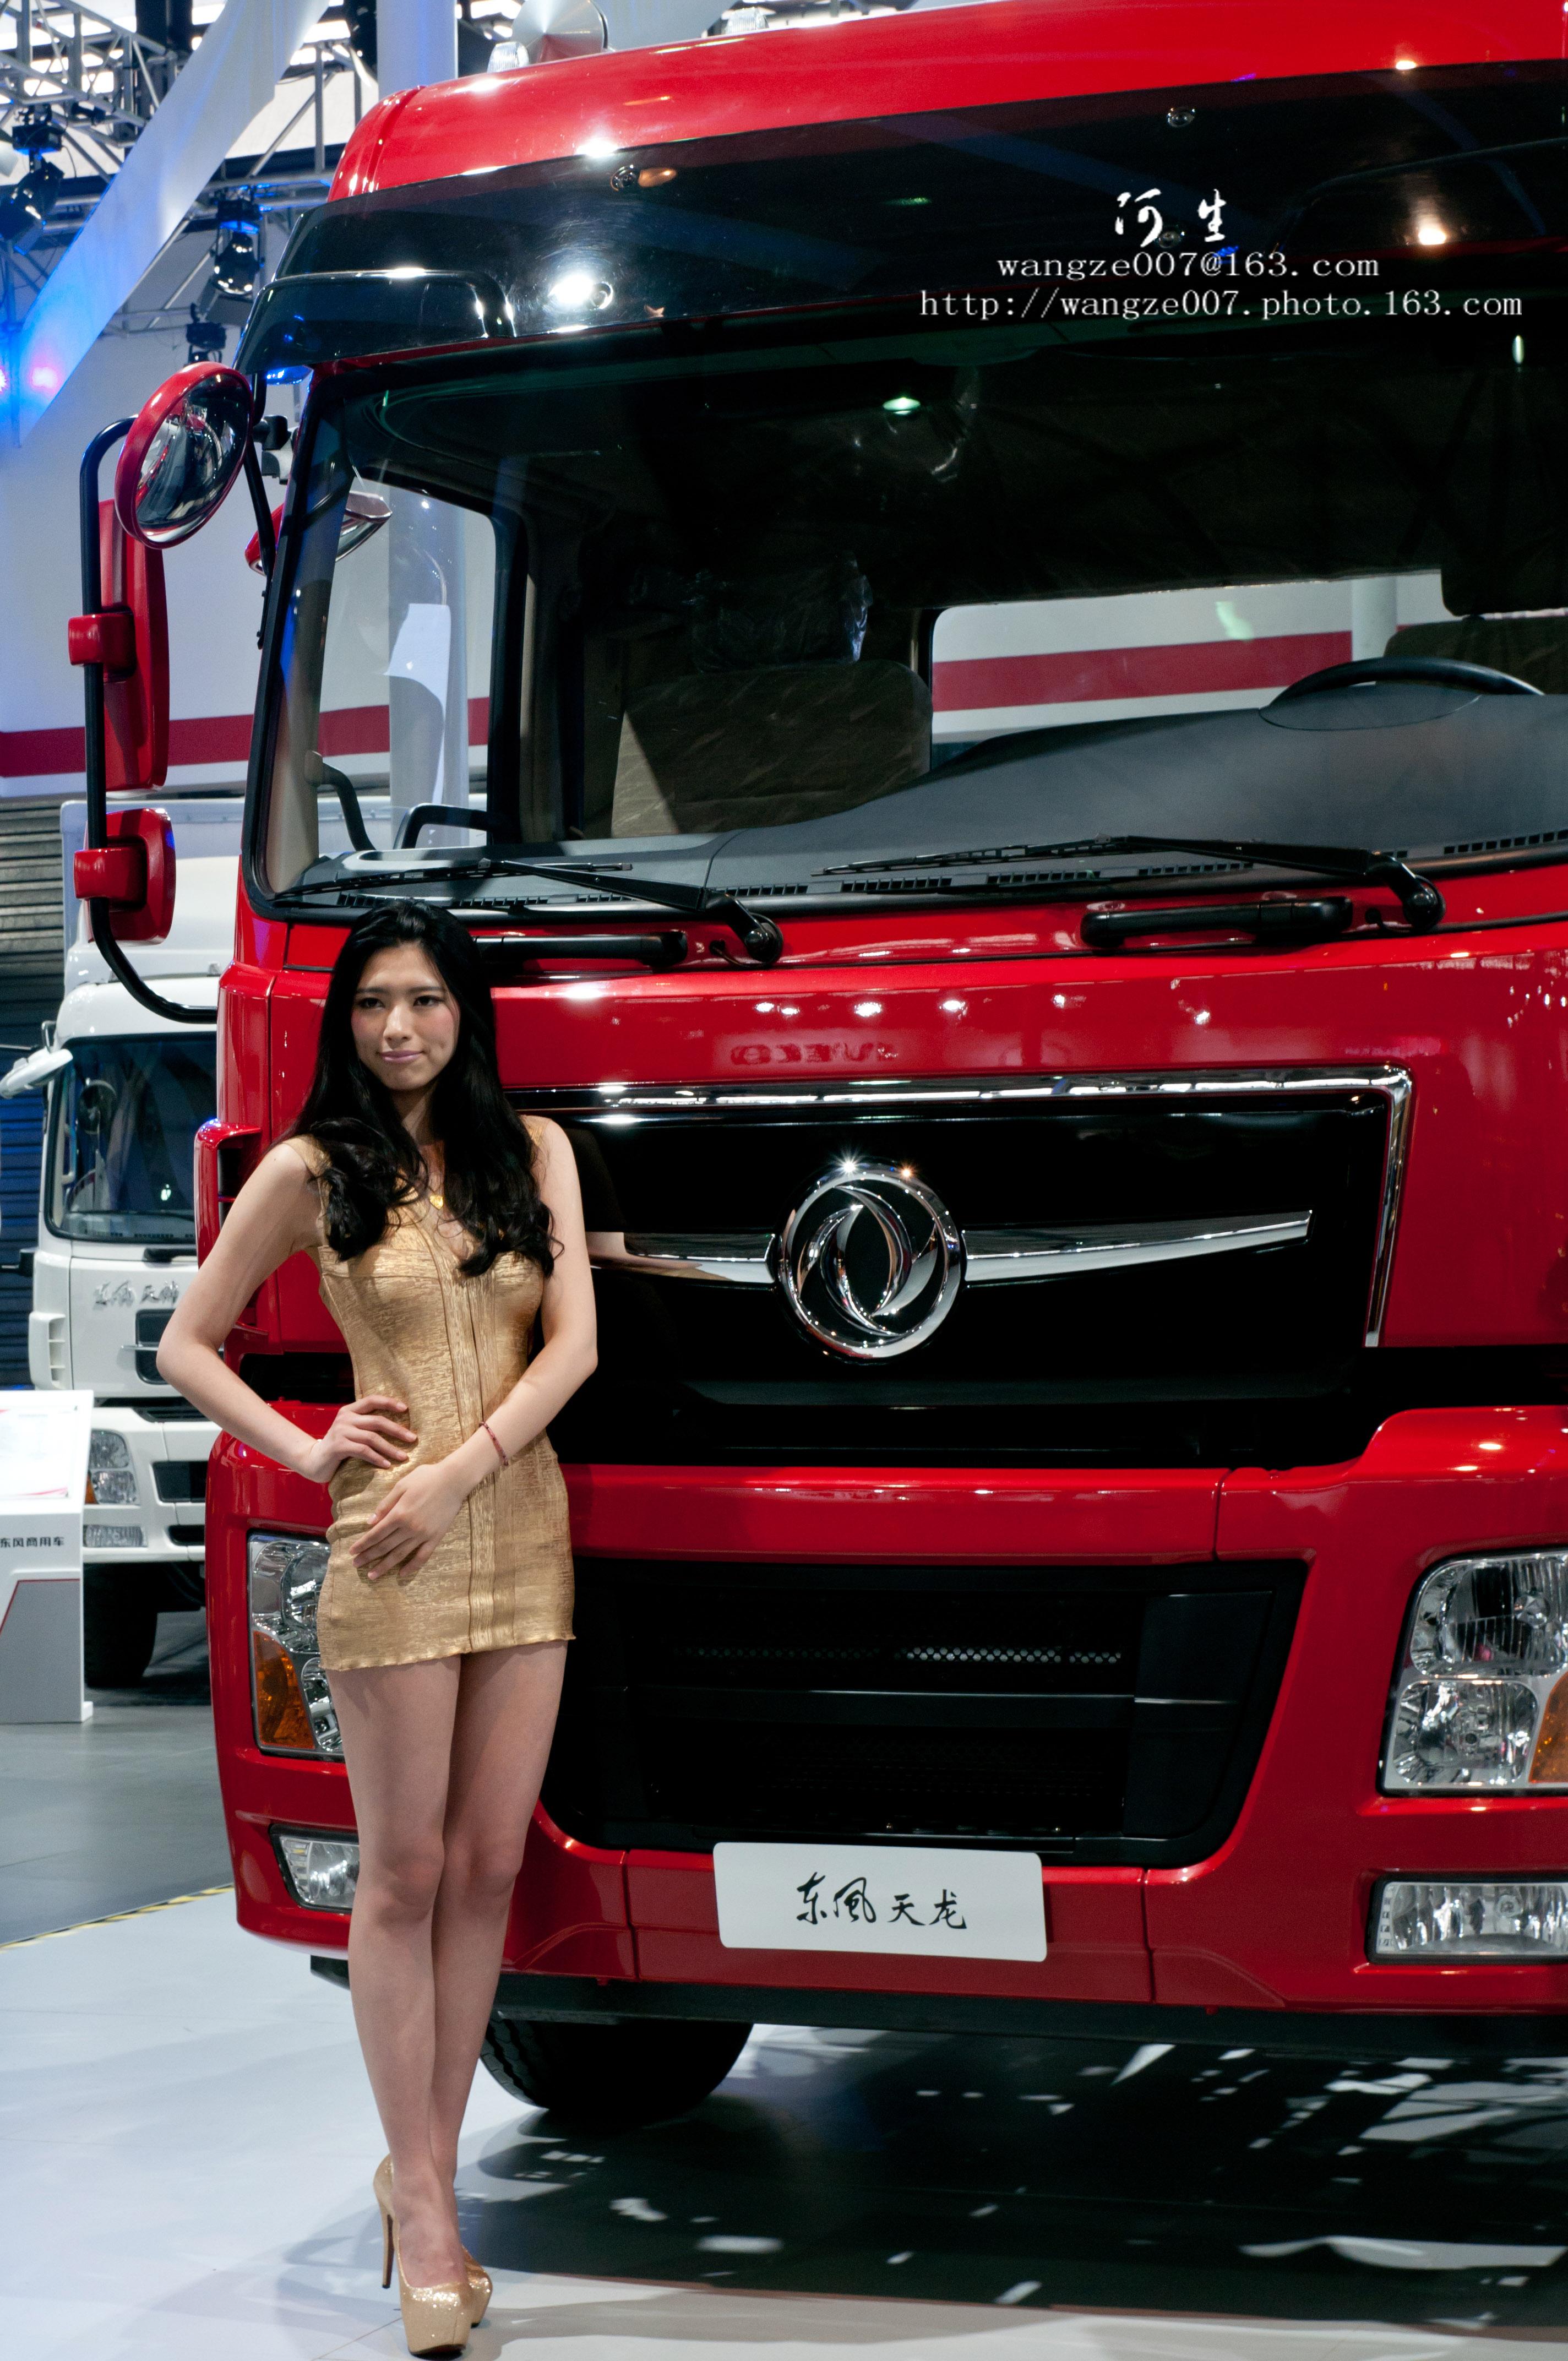 2013上海车展(作业)之汽车与车模篇 - 全国摄友交流区